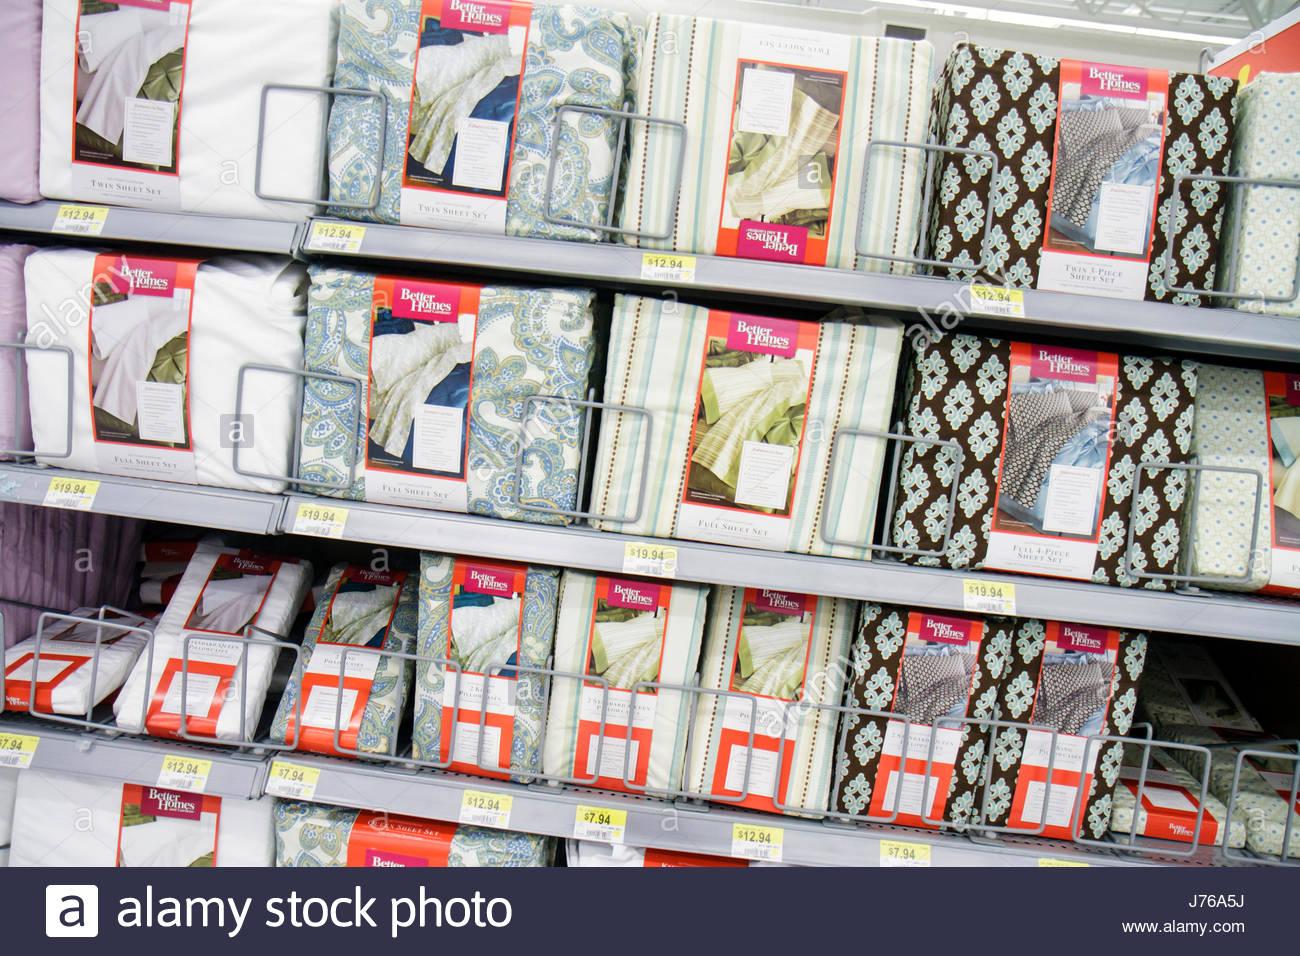 Miami Florida Walmart lenzuola di imballaggio per la vendita shopping Immagini Stock